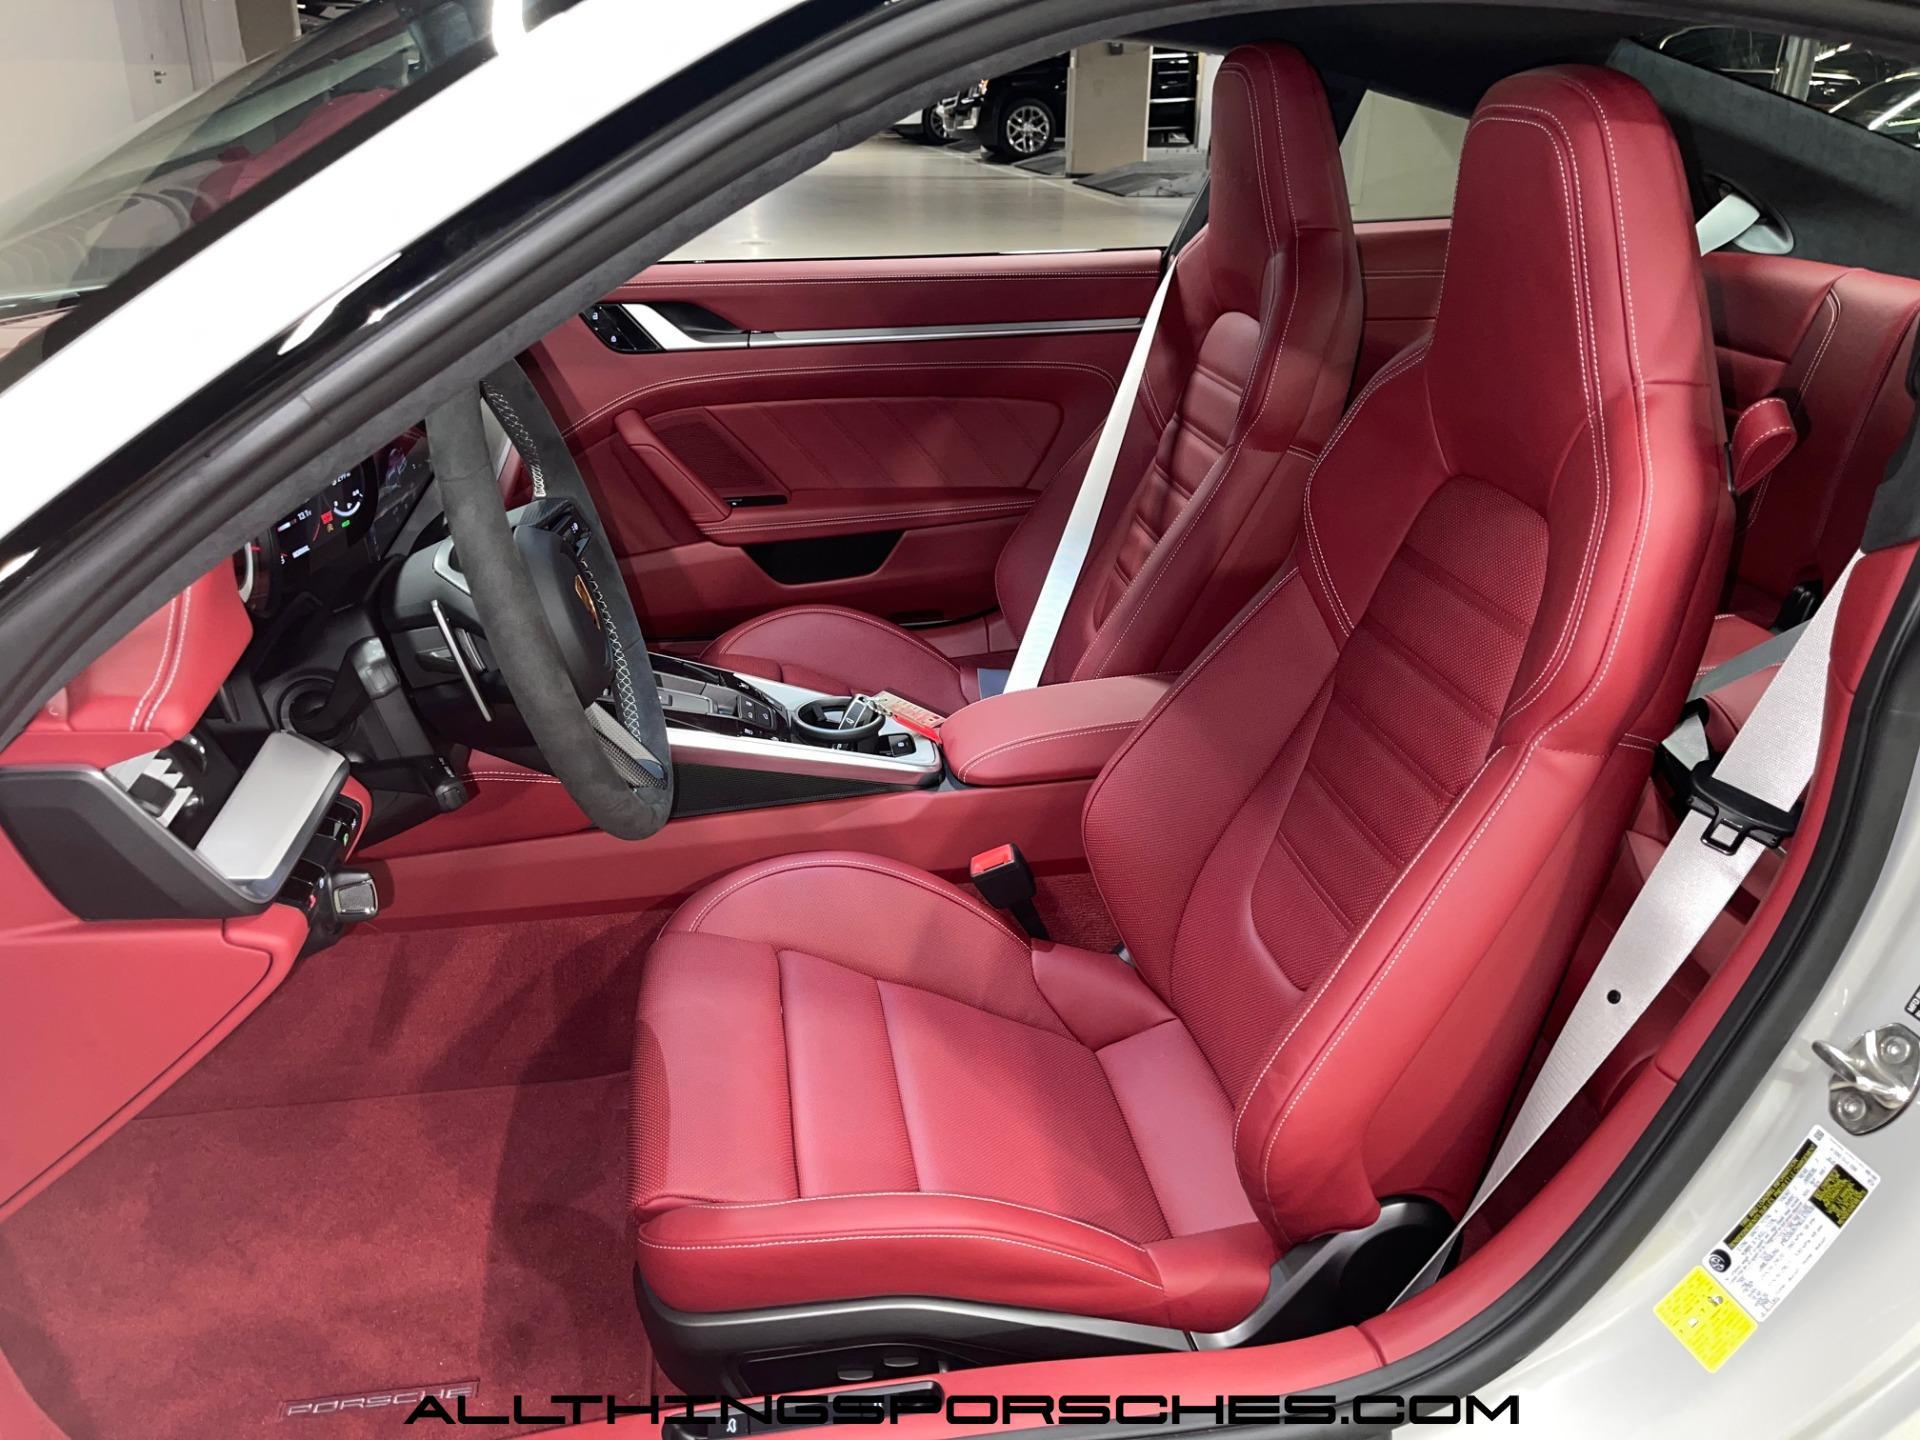 Used-2021-Porsche-911-Turbo-S